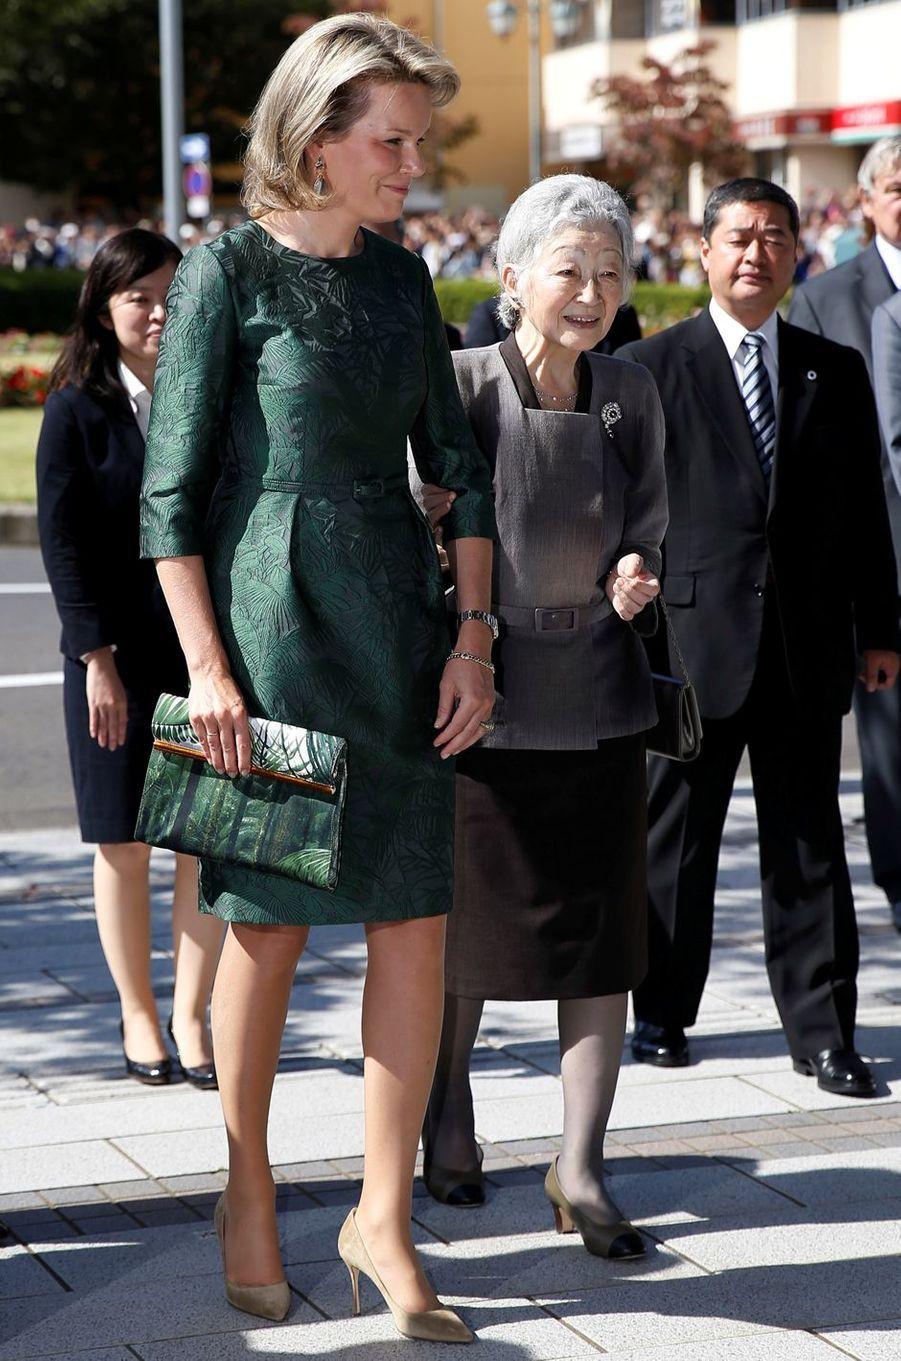 La reine Mathilde de Belgique au Japon, le 12 octobre 2016